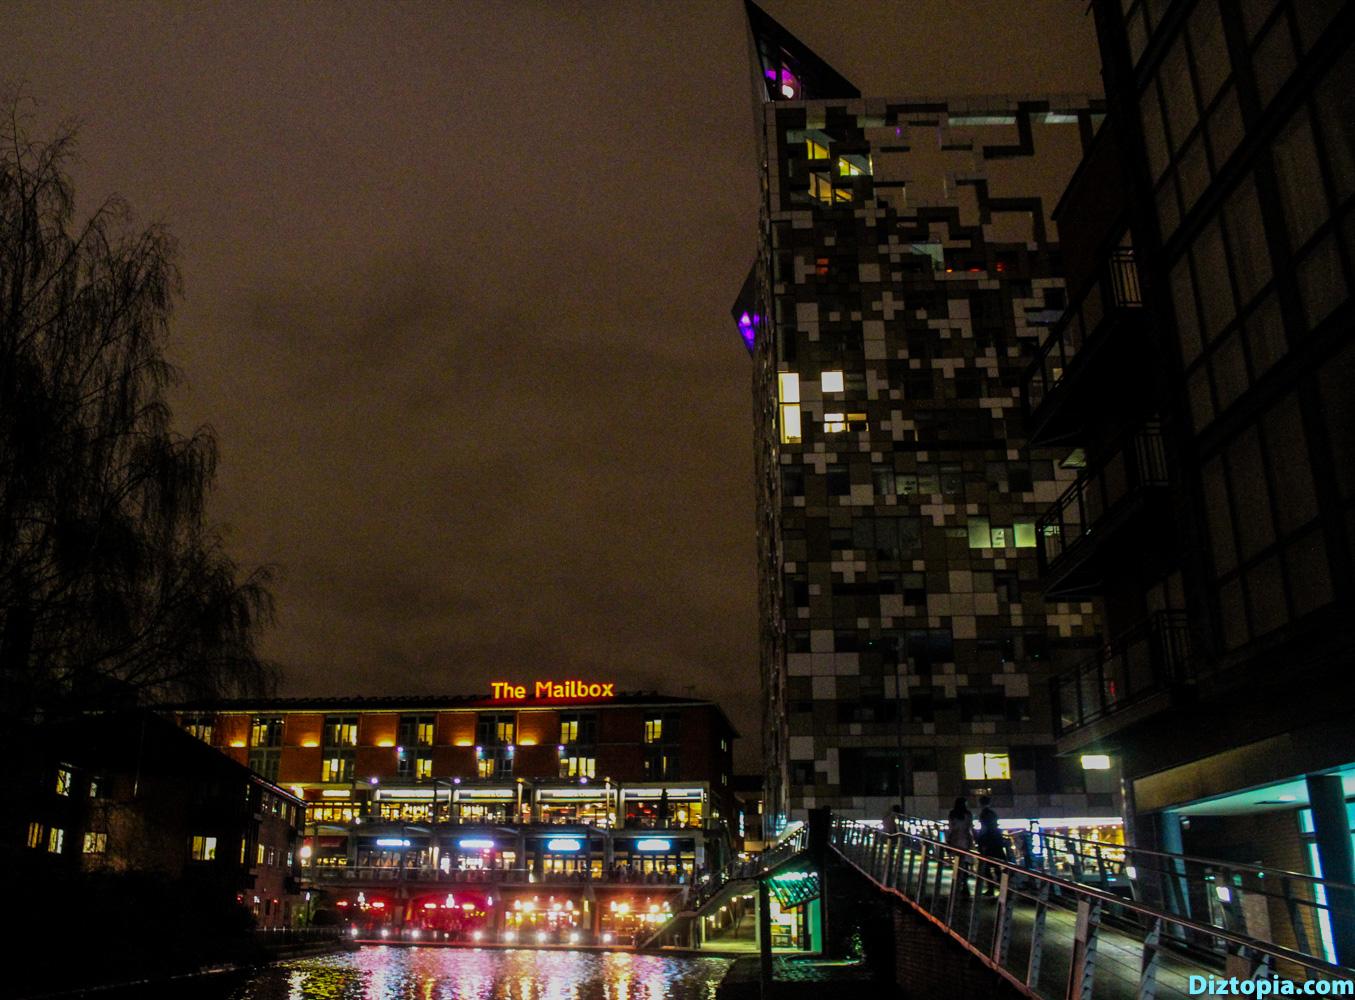 Birmingham-Canal-City-Diztopia-Photography-Night-Dizma-Dahl-China-Town-UK-Blog-23